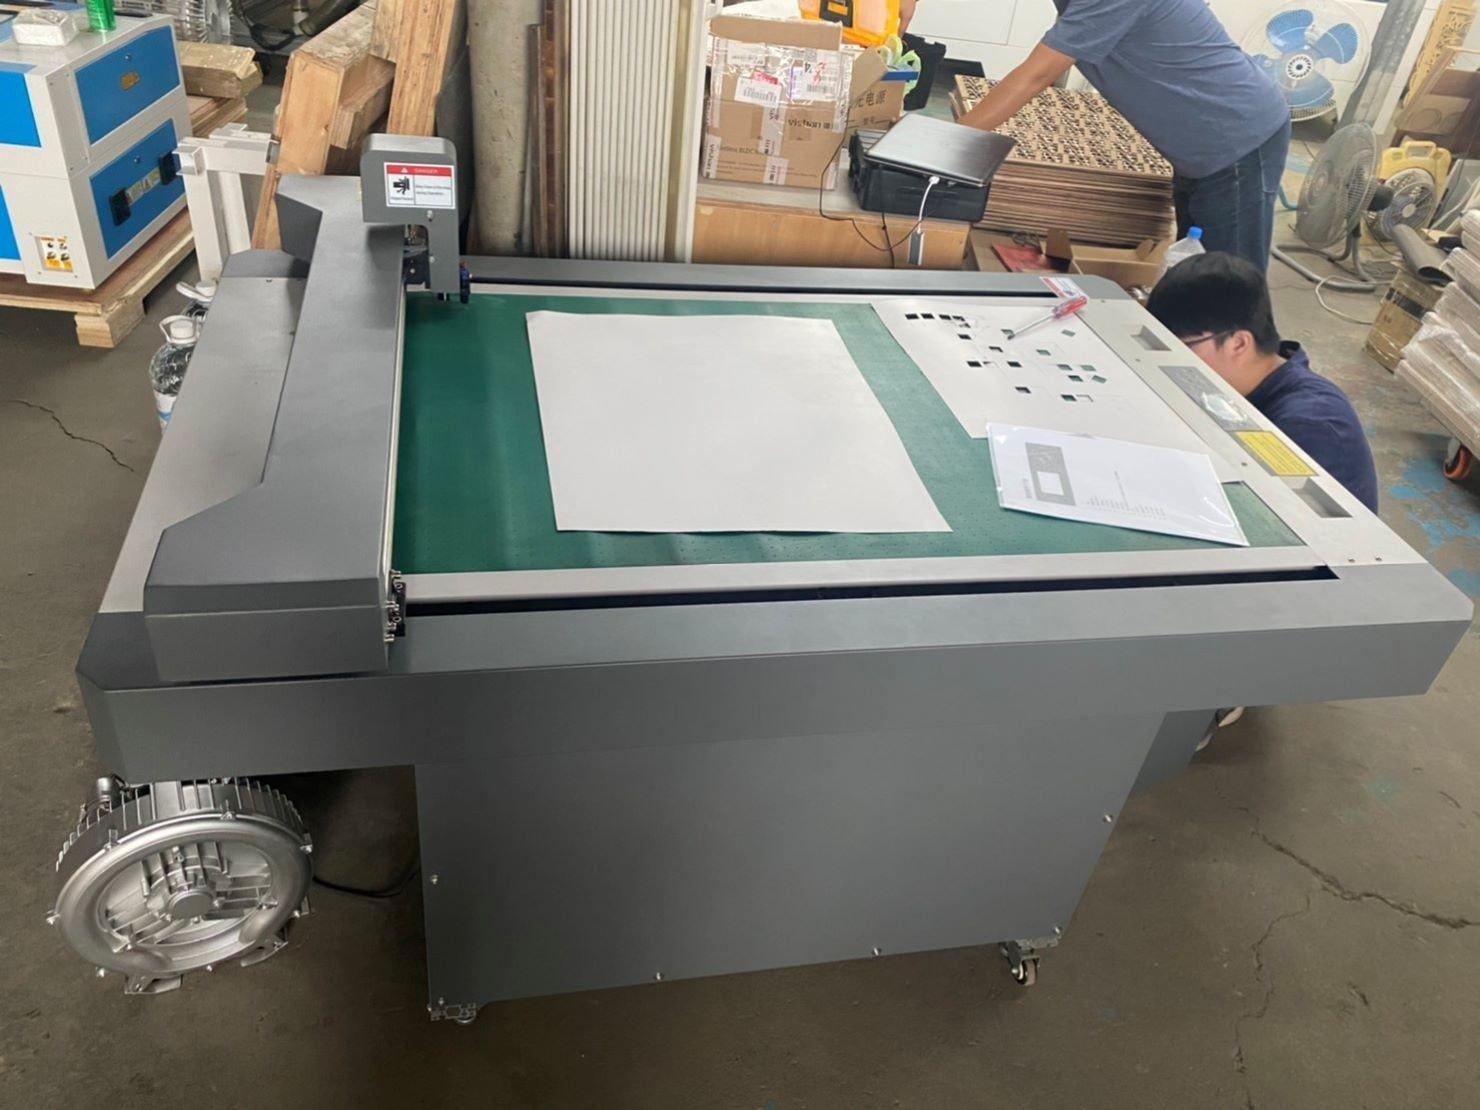 搬重物【榮福搬家公司】搬切割機、口碑第一、台北搬家推薦:此為傳統較常見的以刀片裁切的切割機,重量約150公斤左右。